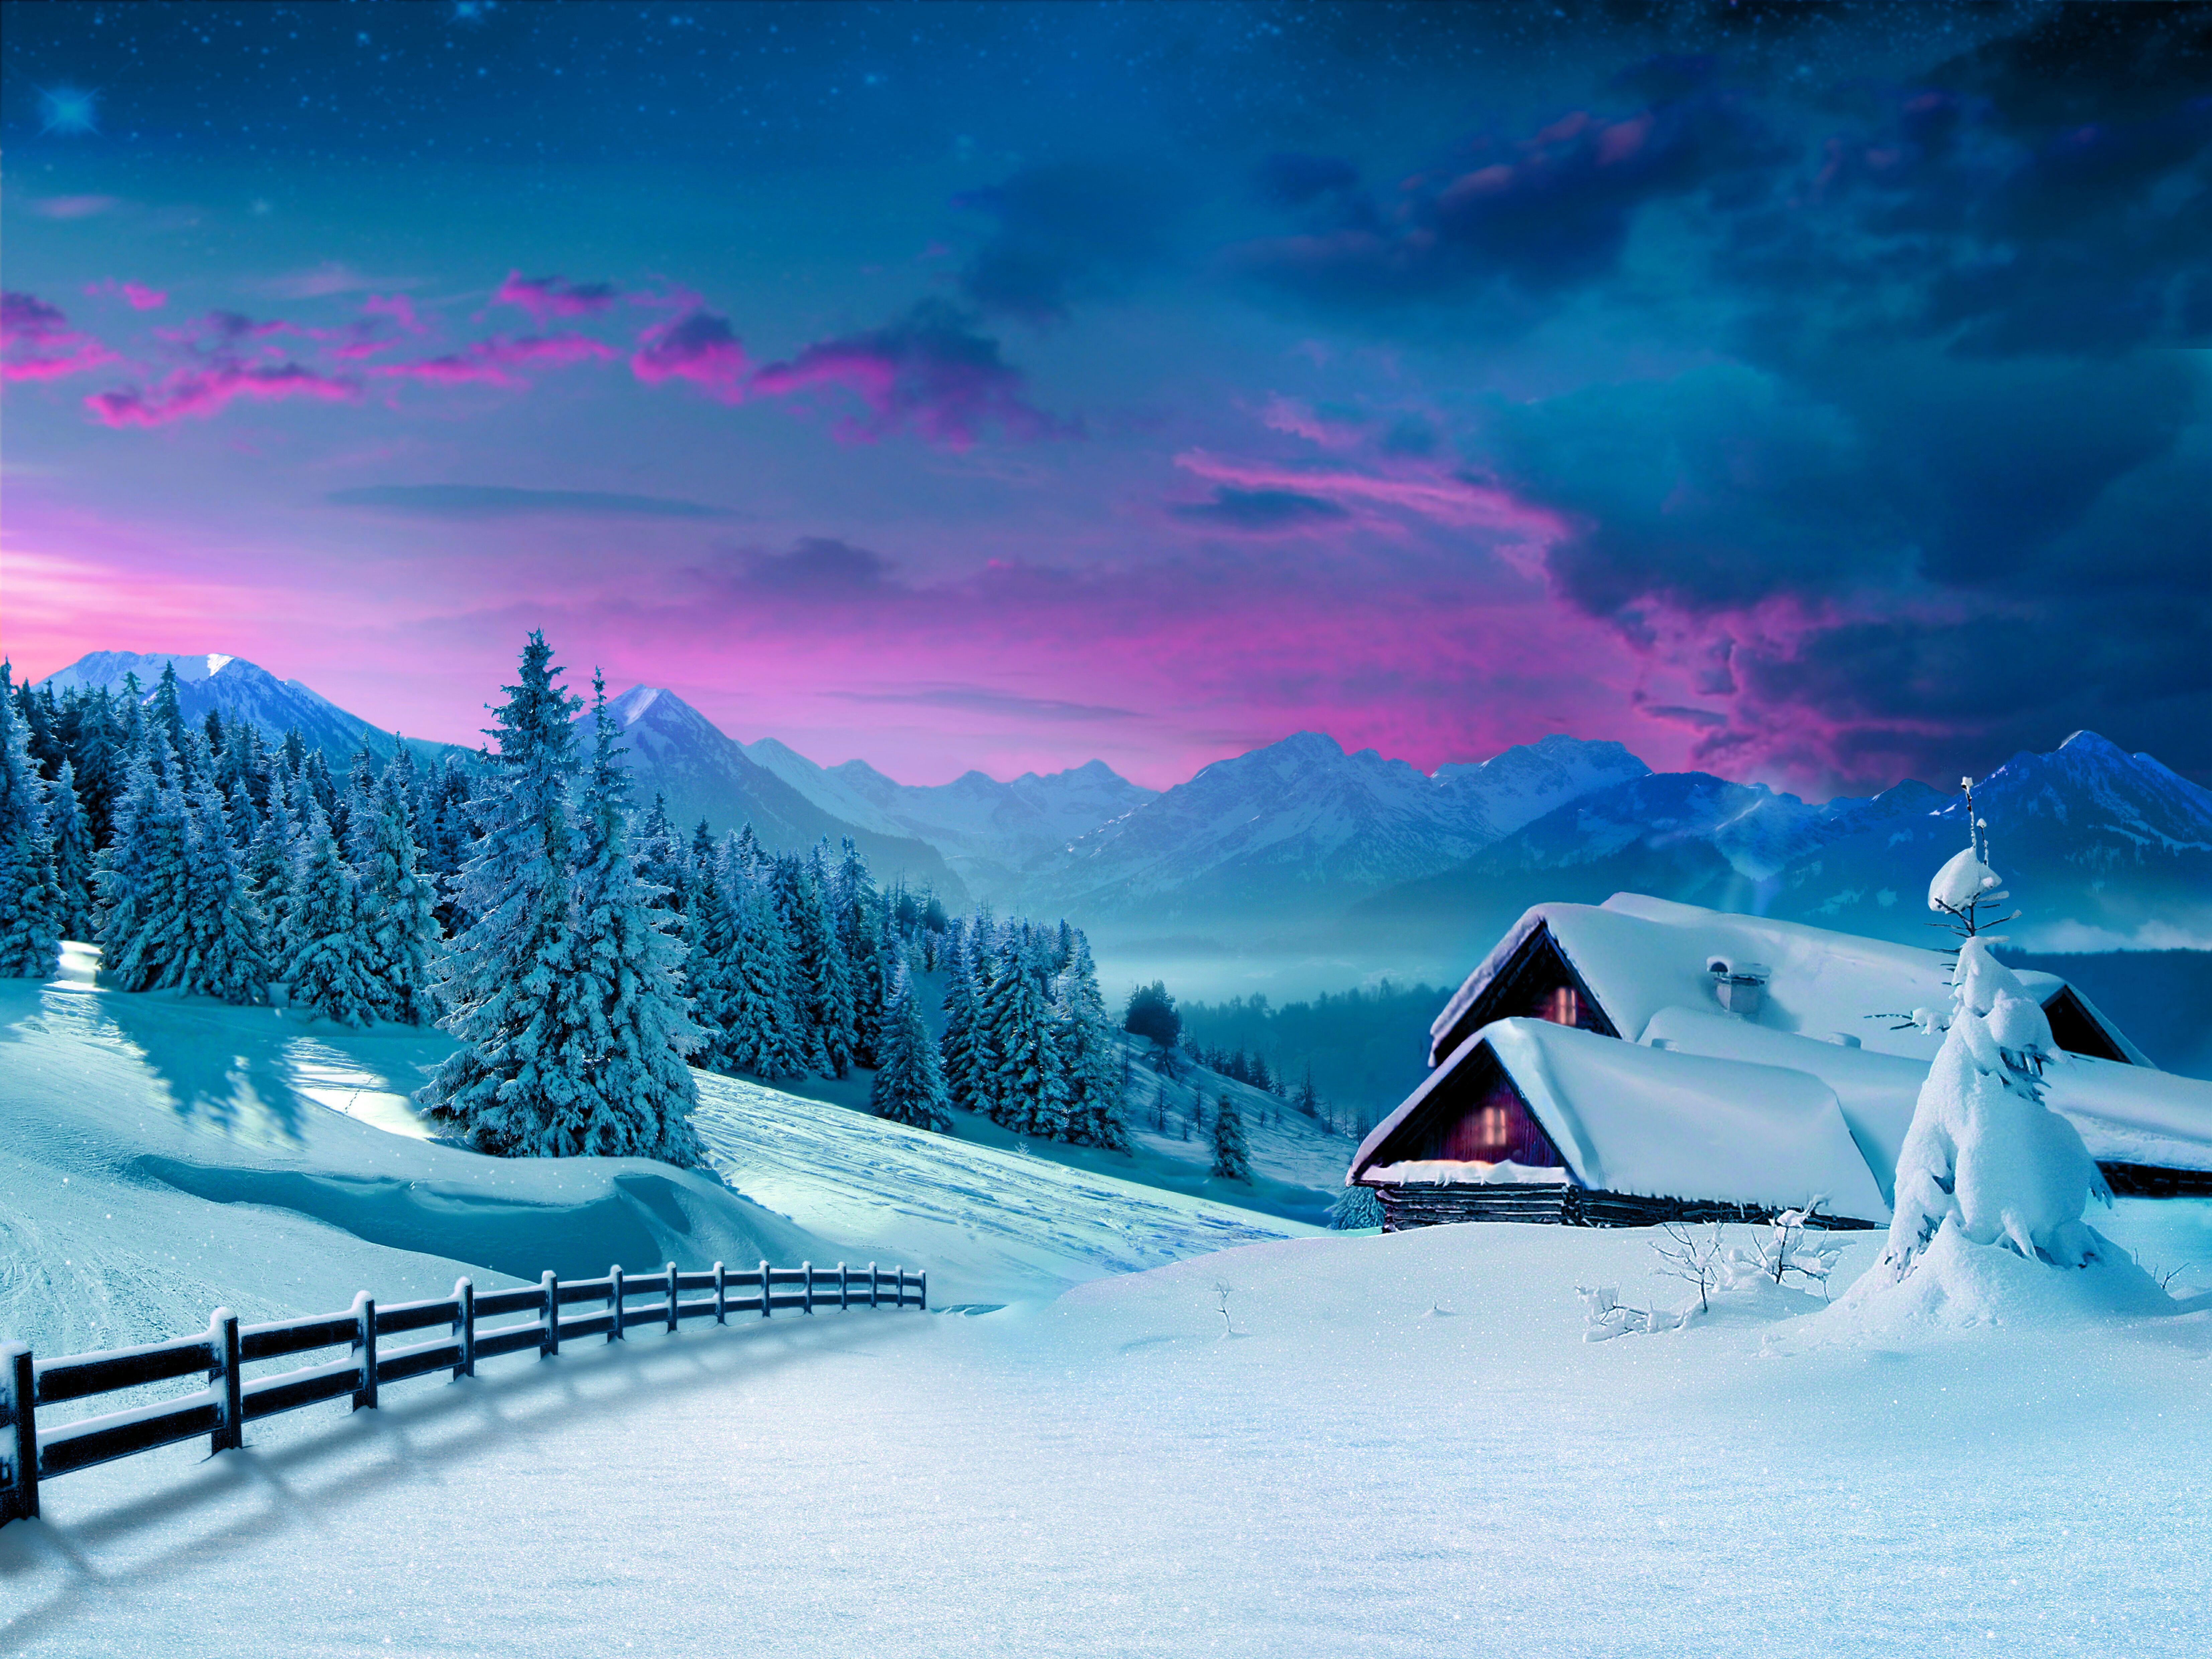 https://www.zastavki.com/pictures/originals/2014/Winter_Winter_landscape_in_the_mountains_089281_.jpg